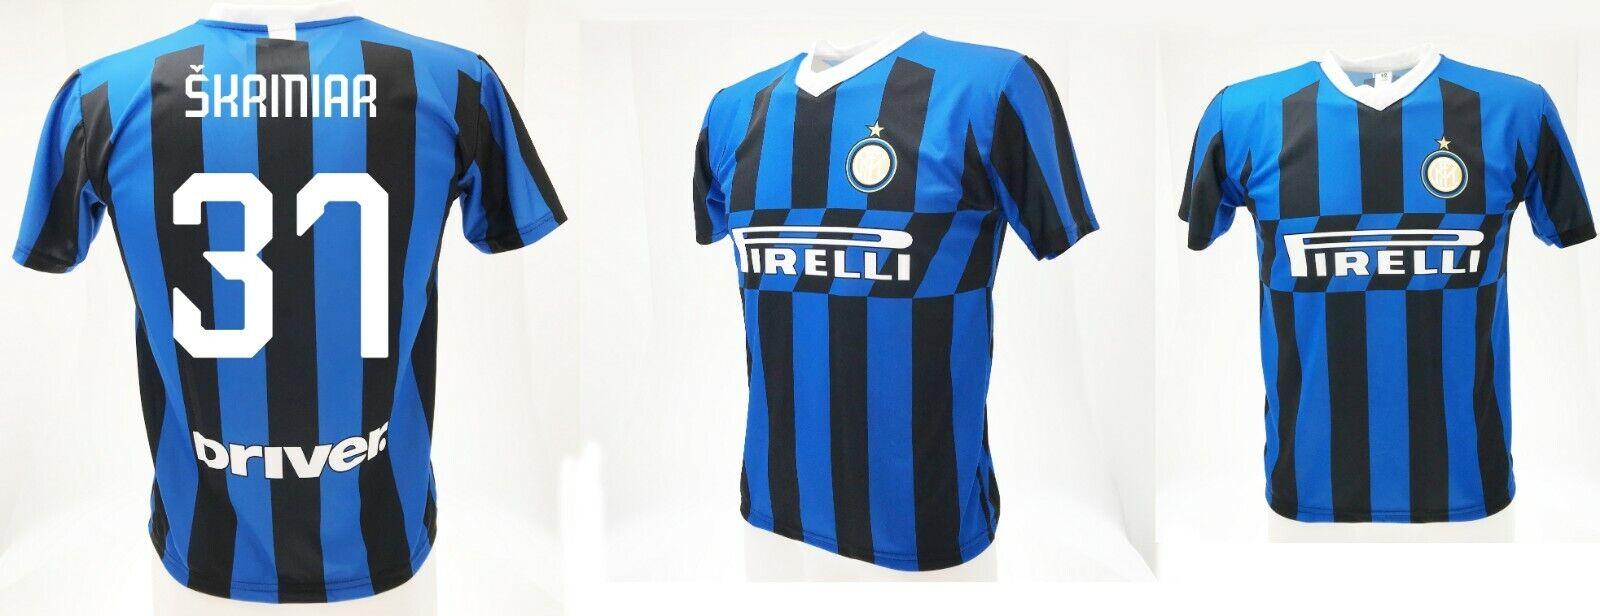 Camiseta Skriniar Inter  2020 Producto Oficial Uniforme Oficial 2019 Milán 37  el mas reciente